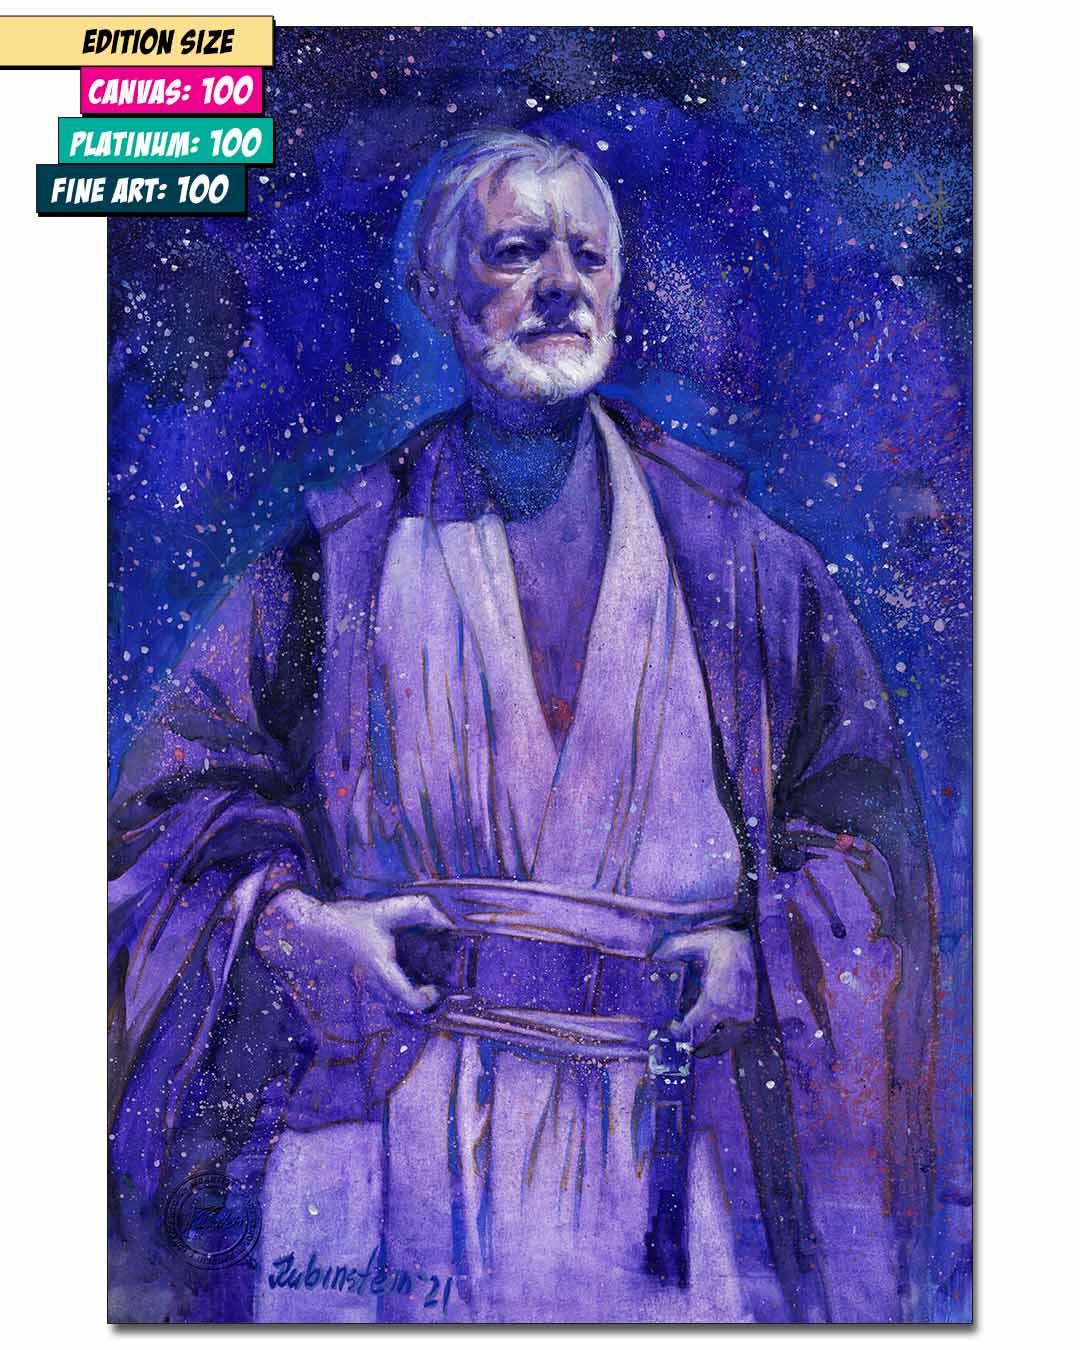 STAR WARS PORTRAITS: OBI-WAN KENOBI